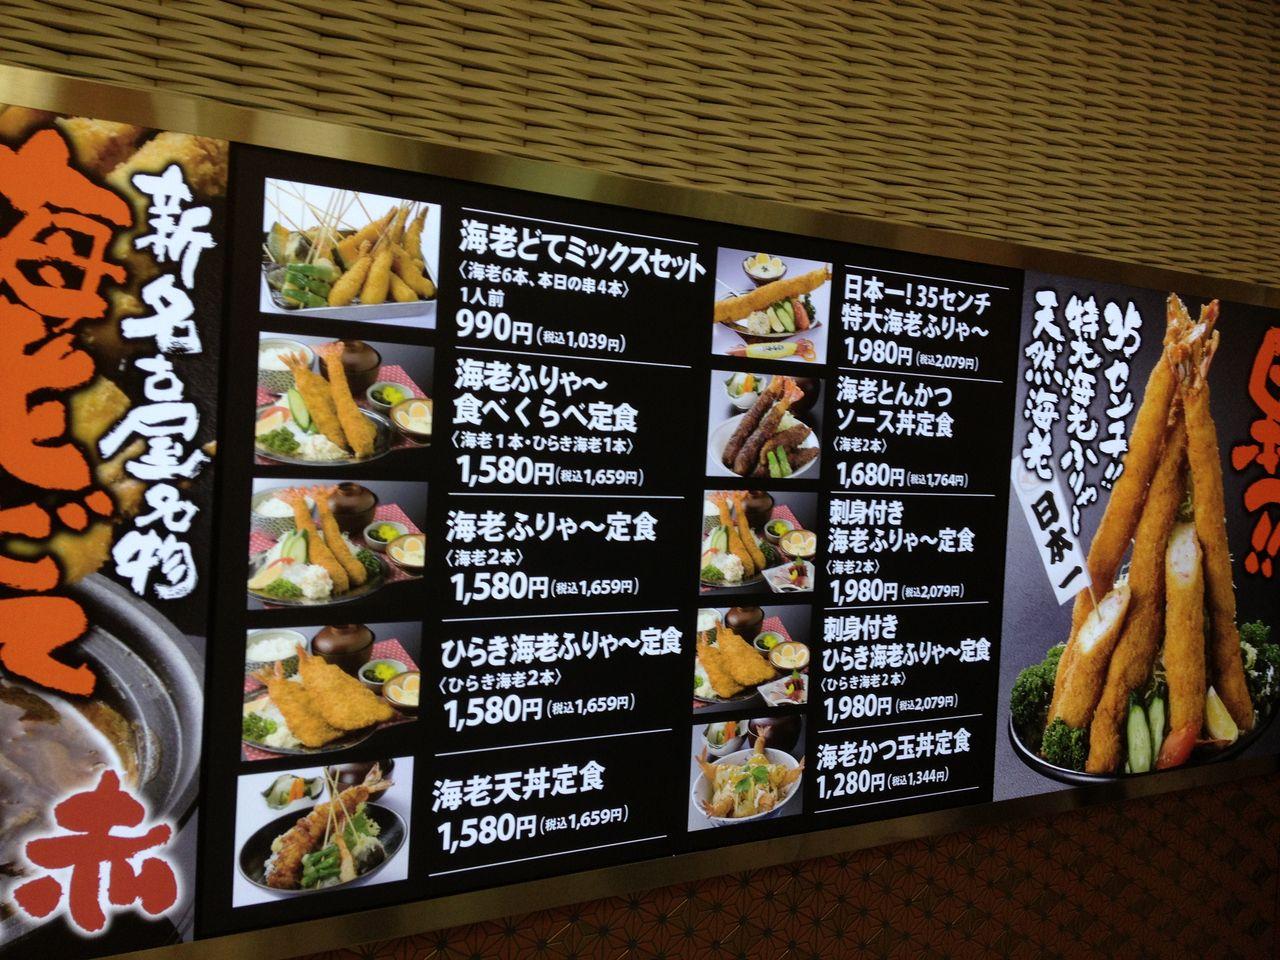 林公子生活遊記: 日本第一!35CM超長珍寶級炸蝦定食!名古屋人氣美食 海老どて食堂